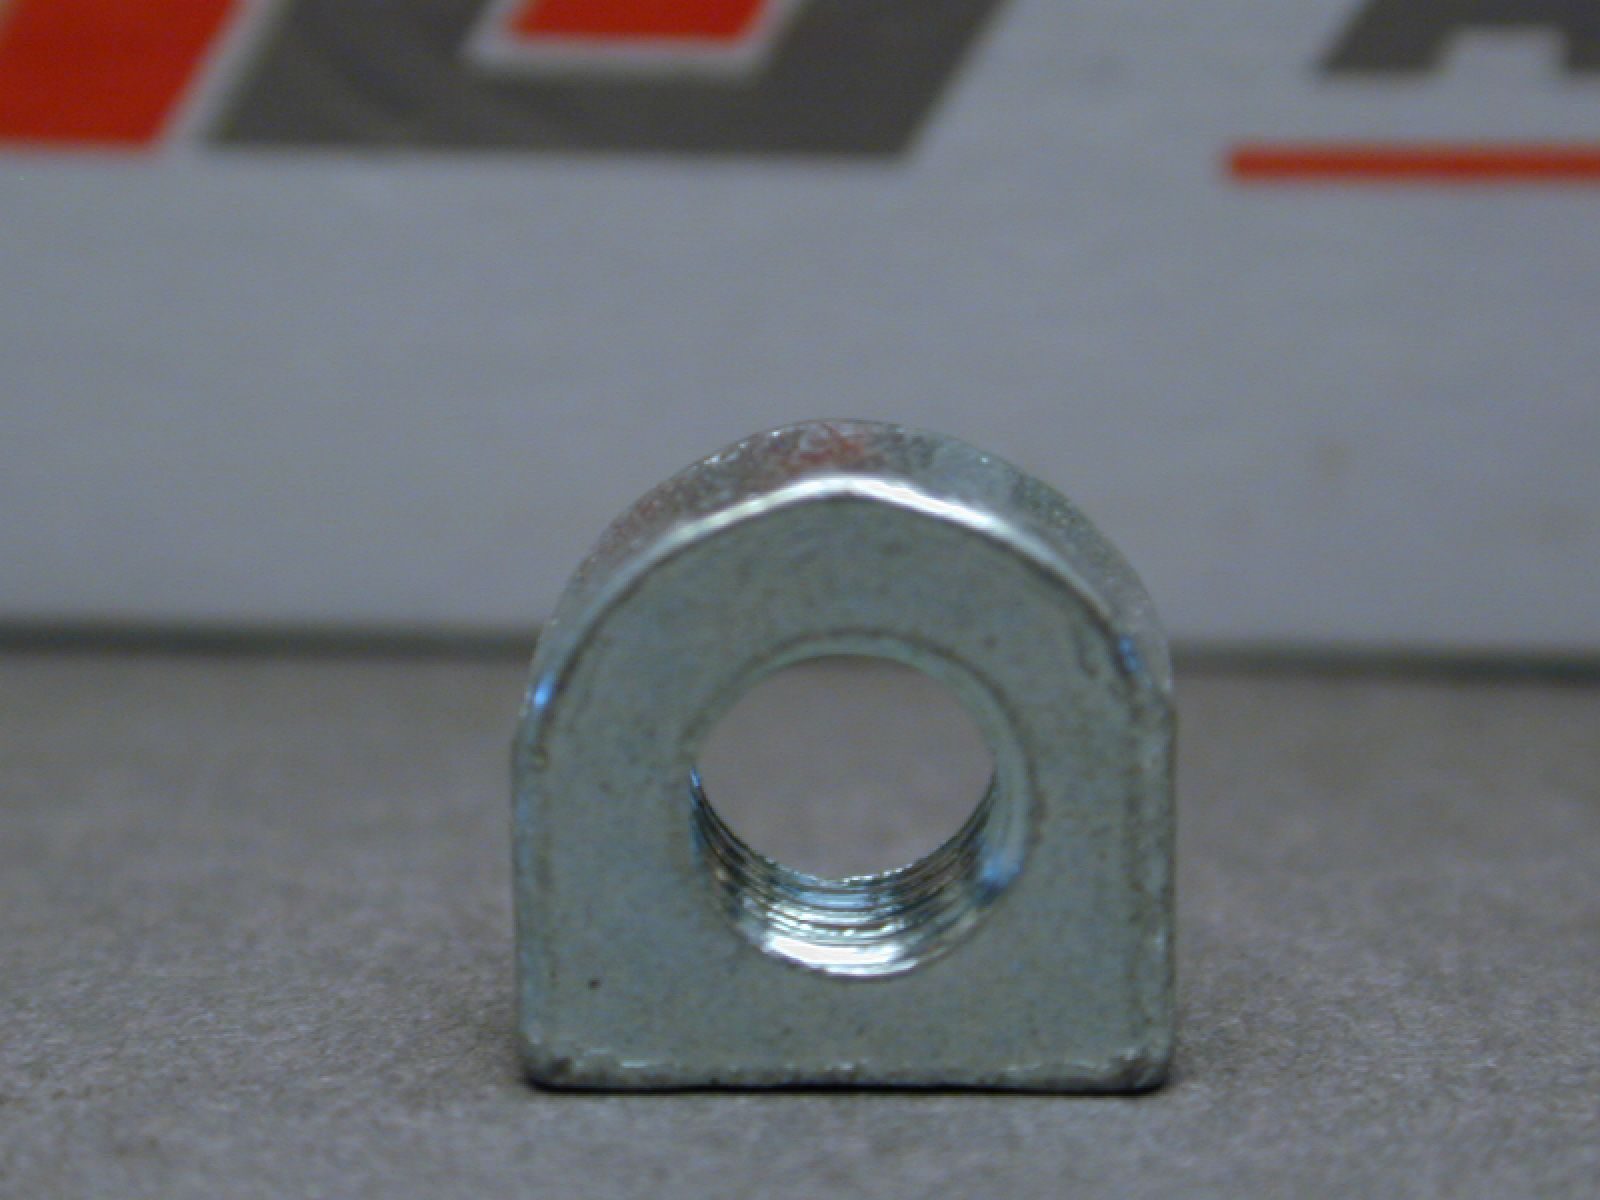 Παξιμάδι βίδας λαιμού καρμπυρατέρ BING γνήσιο γιά,JLO L100 L152 L197,MINSEL M100 M150 M165,CAMPEON H165,CM 150,ROTAX 150 200 250.